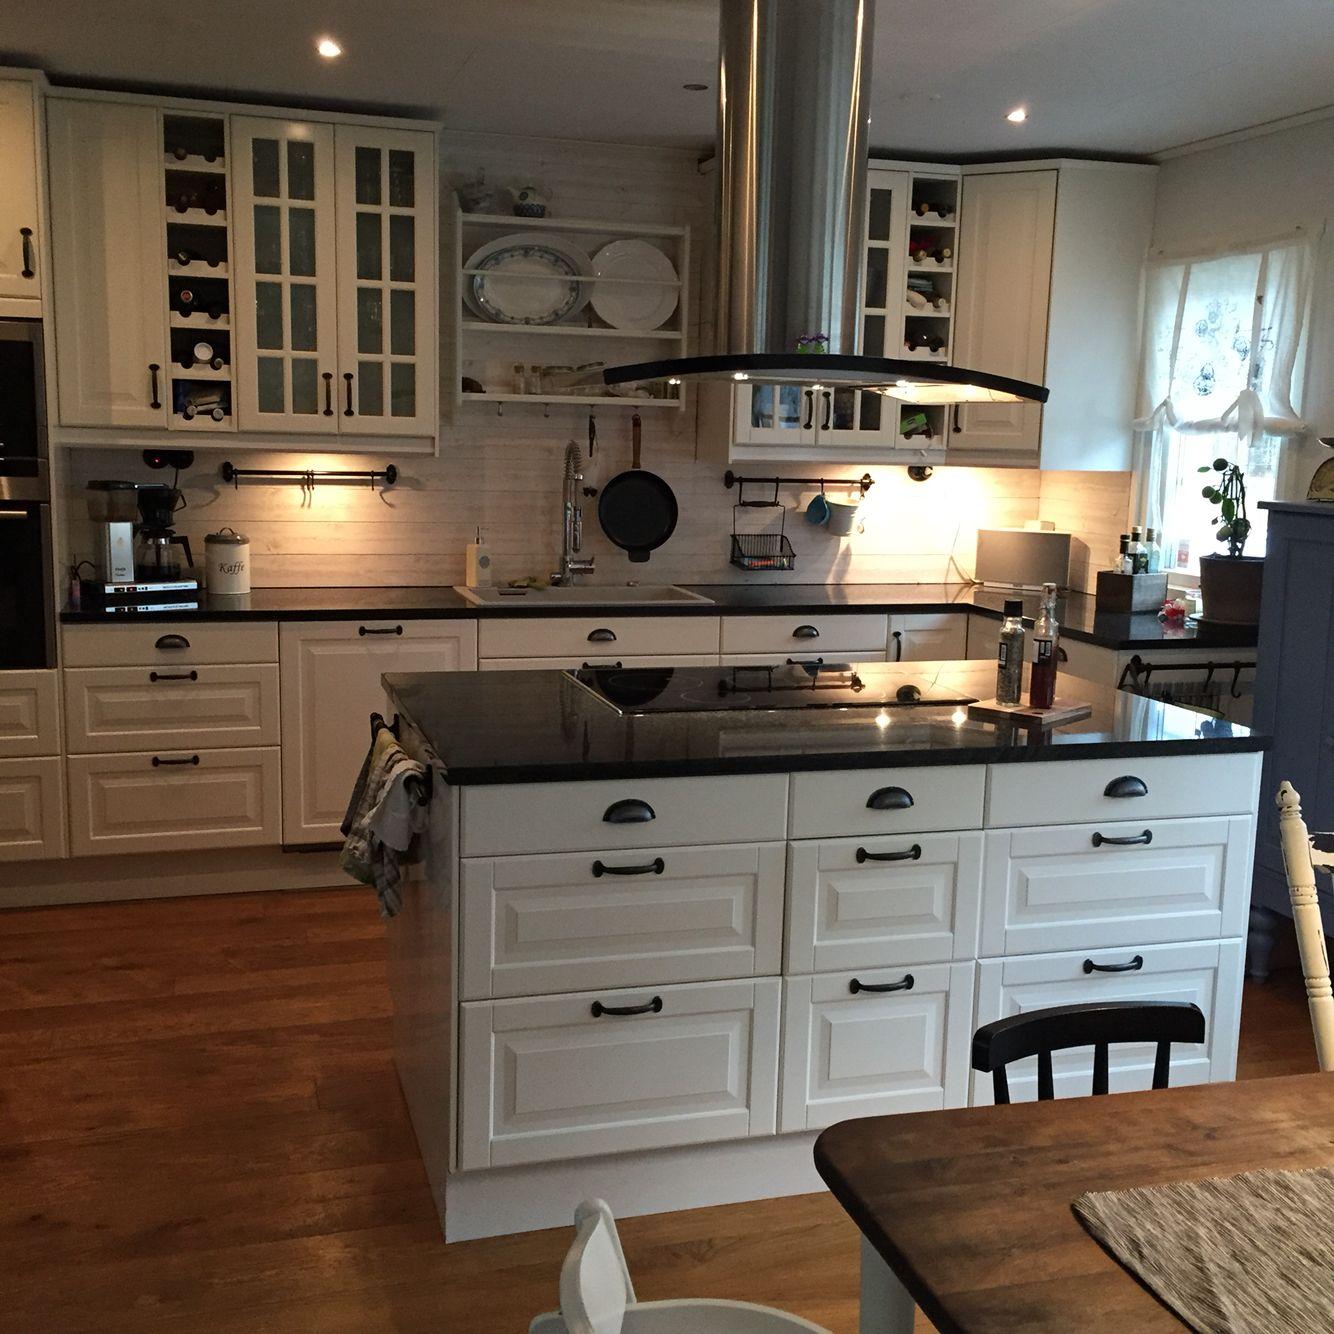 älvsbyhus höner kök Ikea ikeakökälvsbyhushönerälvsbyhuskök köksö Vårtälvsbyhus höner